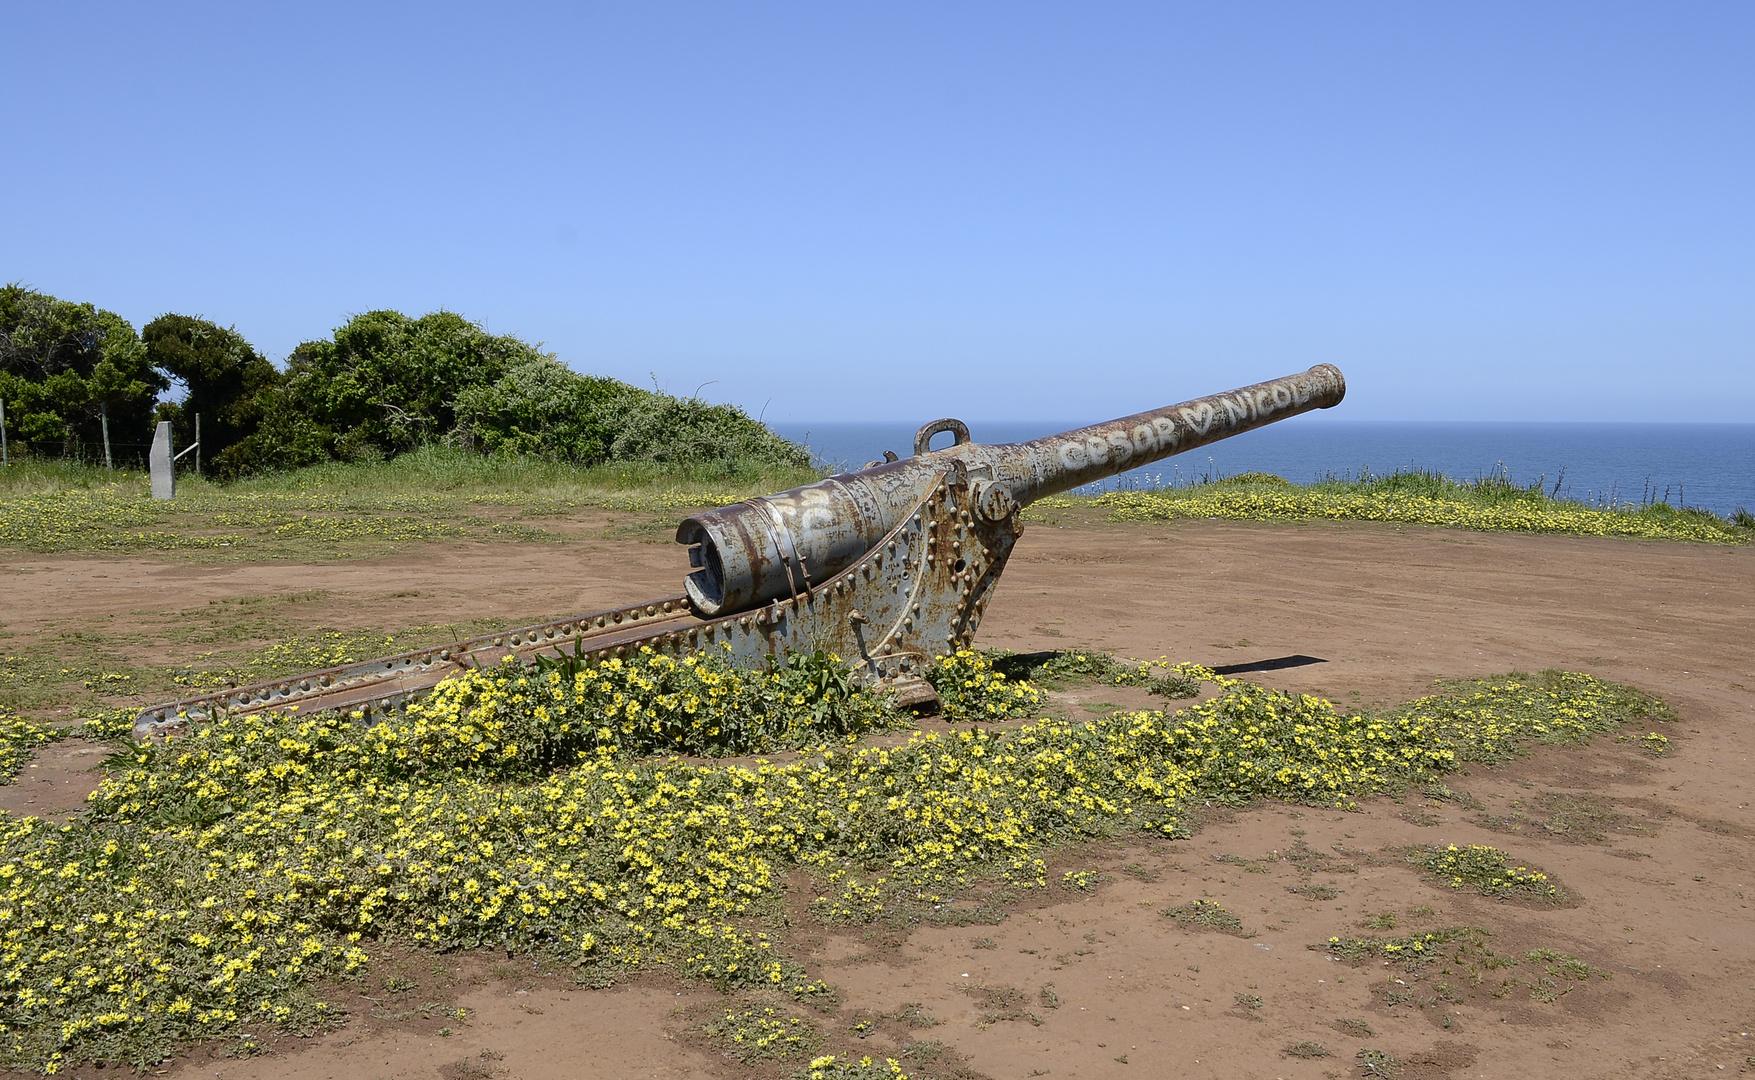 Un oxidado cañón naval de 155 mm en el sector Desembocadura del Río Biobío